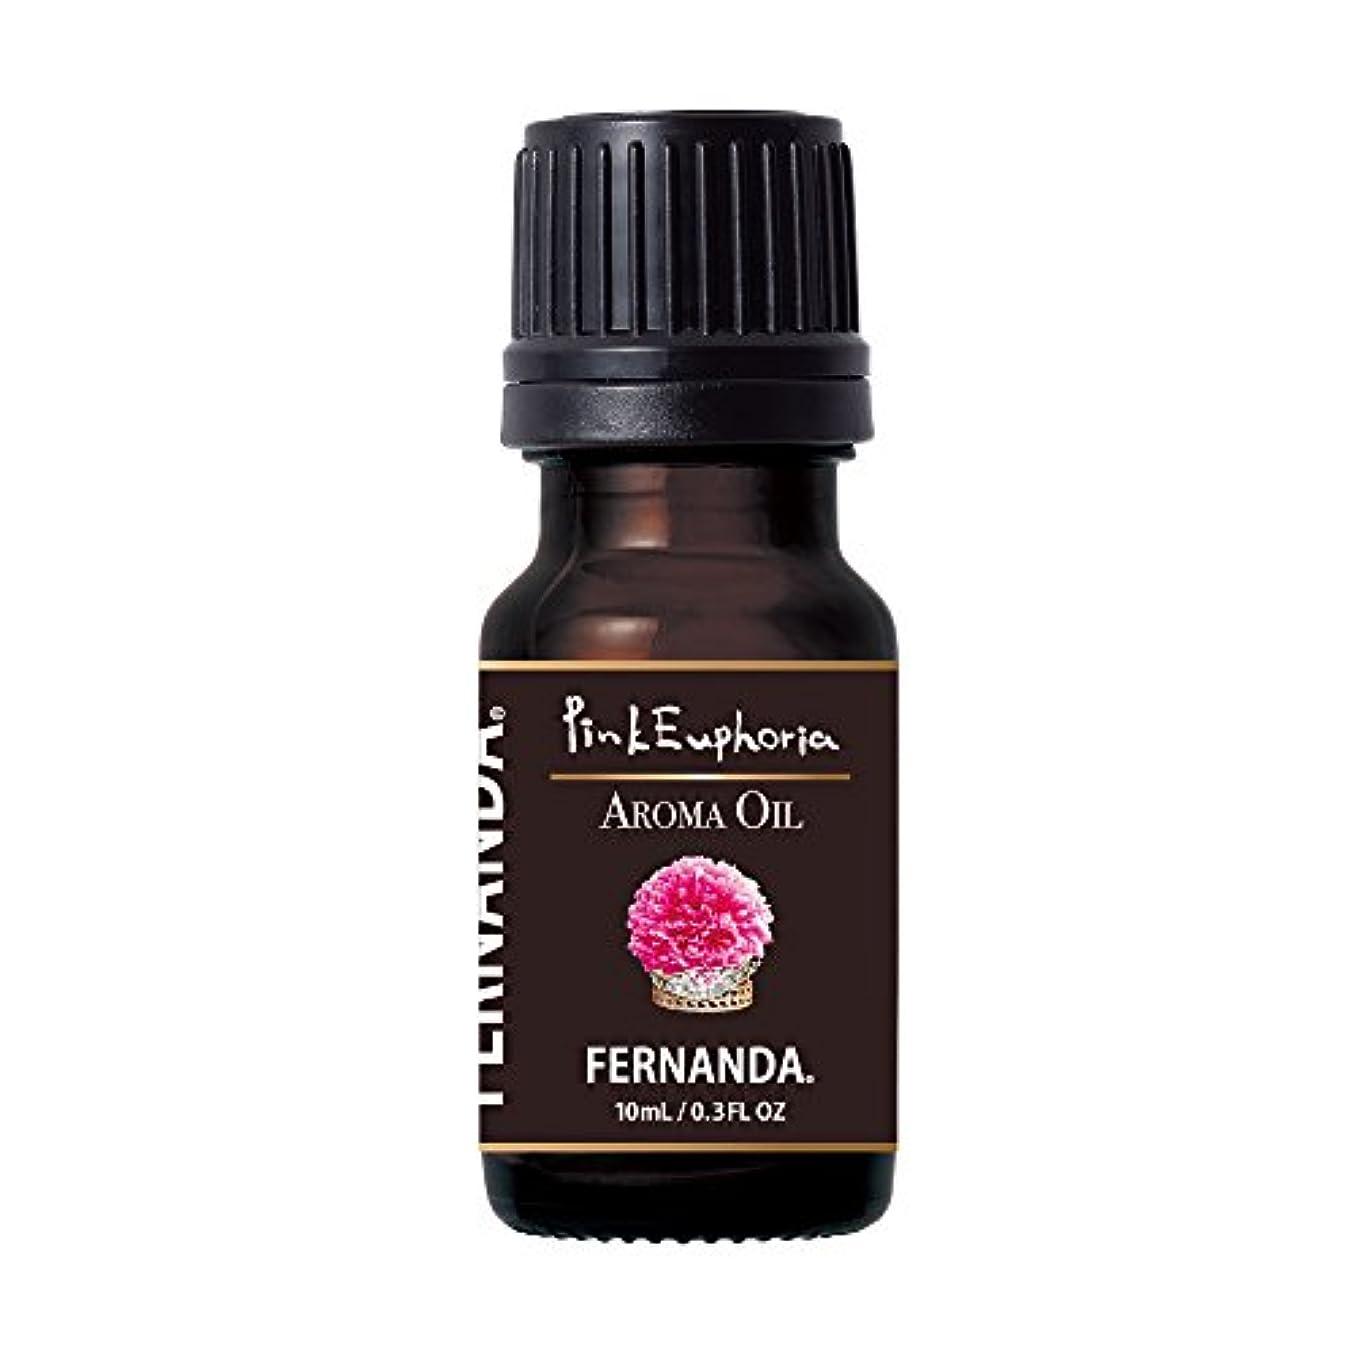 束変形正当なFERNANDA(フェルナンダ) Fragrance Aroma Oil Pink Euphoria (アロマオイル ピンクエウフォリア)